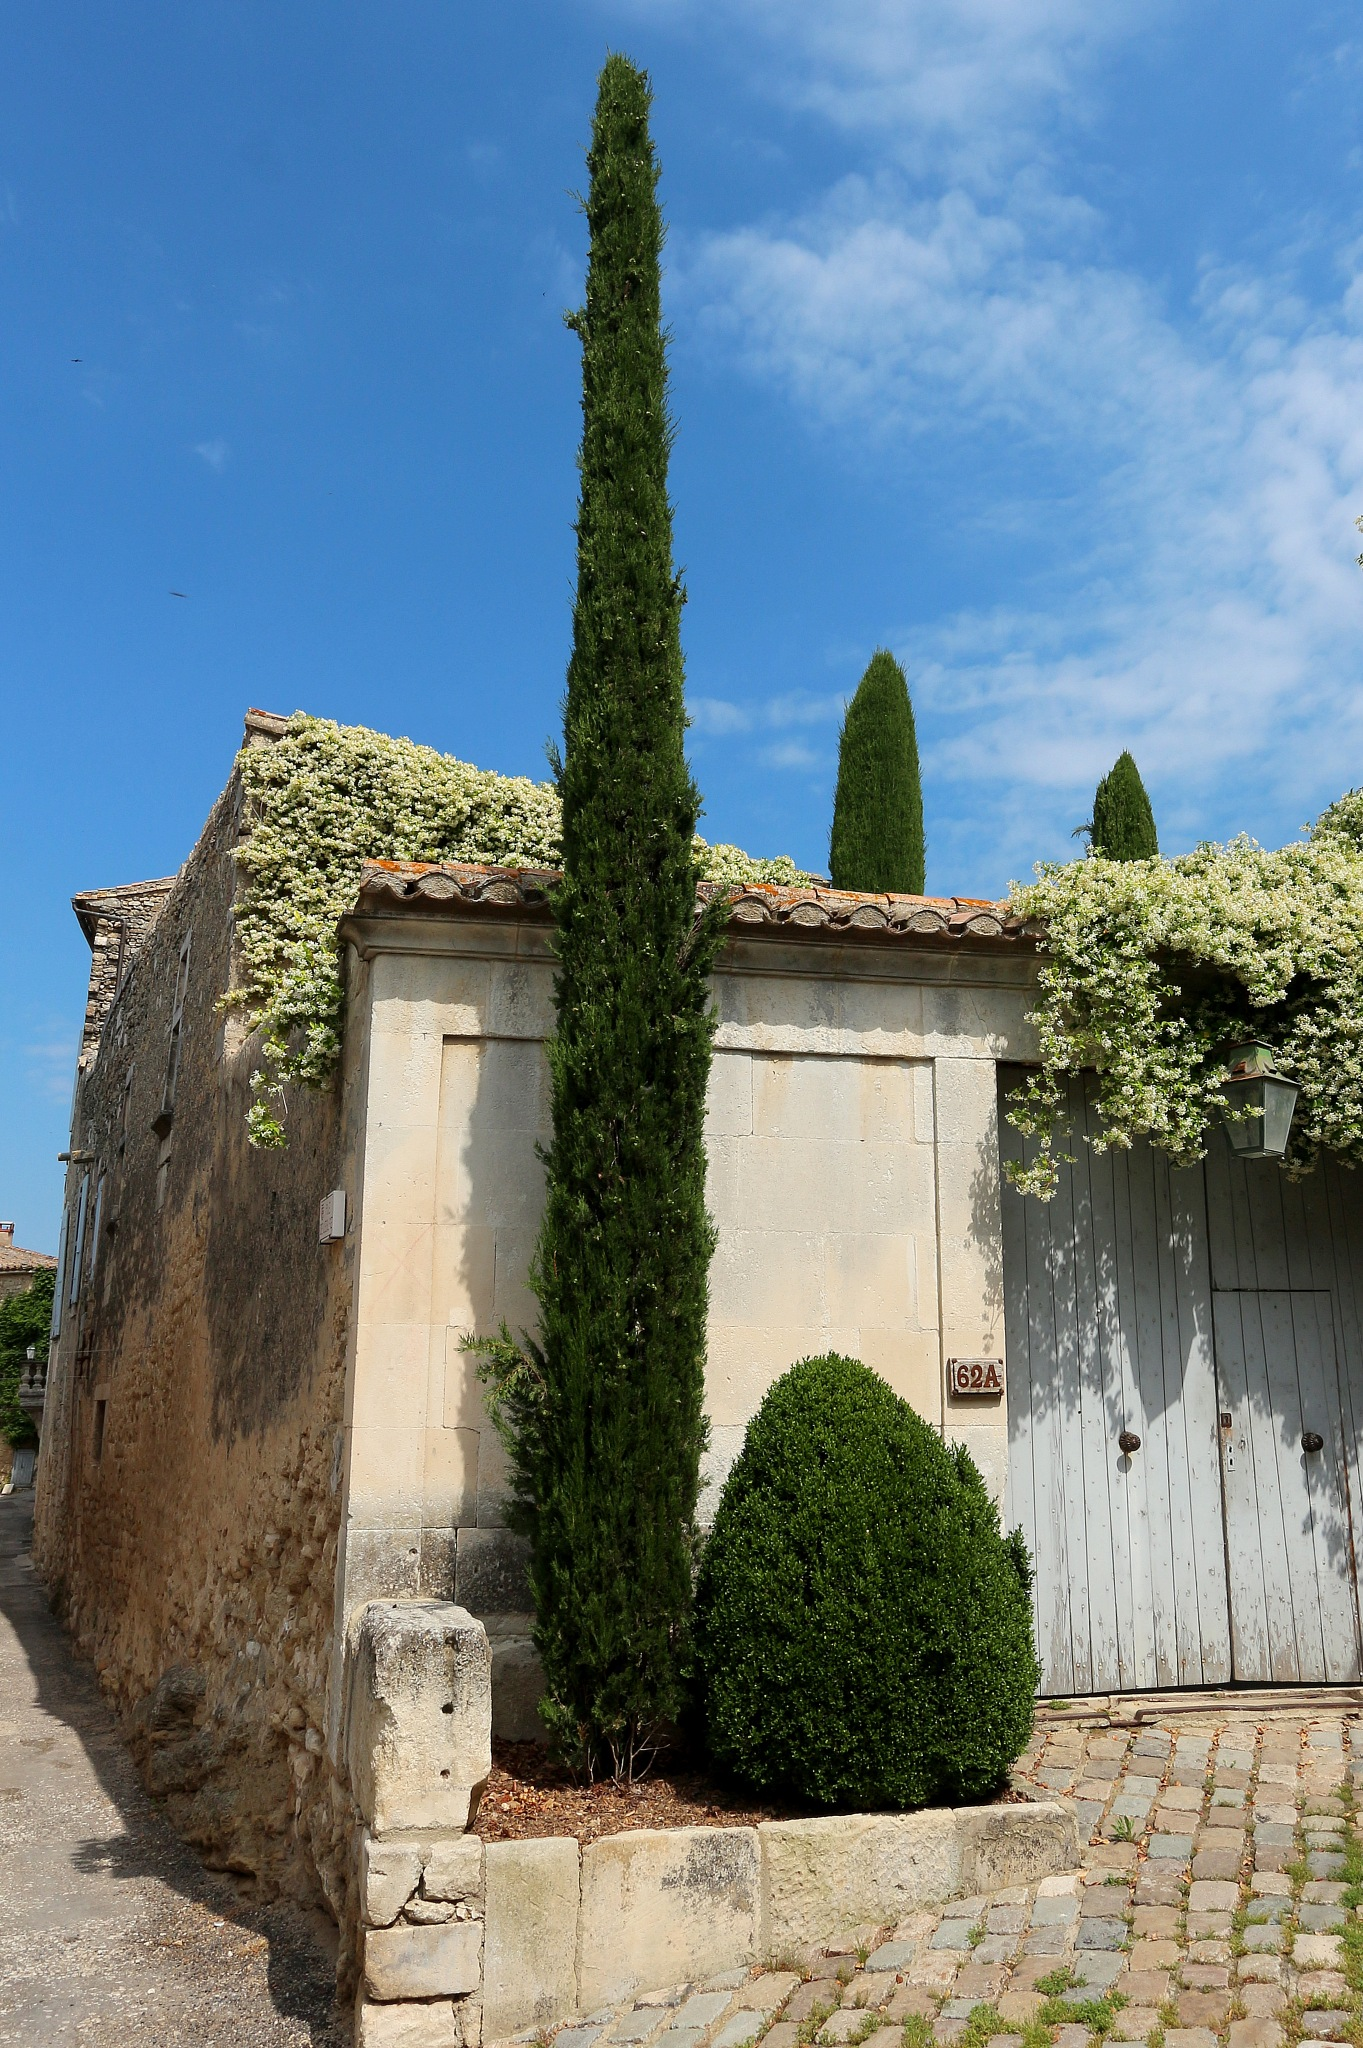 Ménerbes - Vaucluse by katze